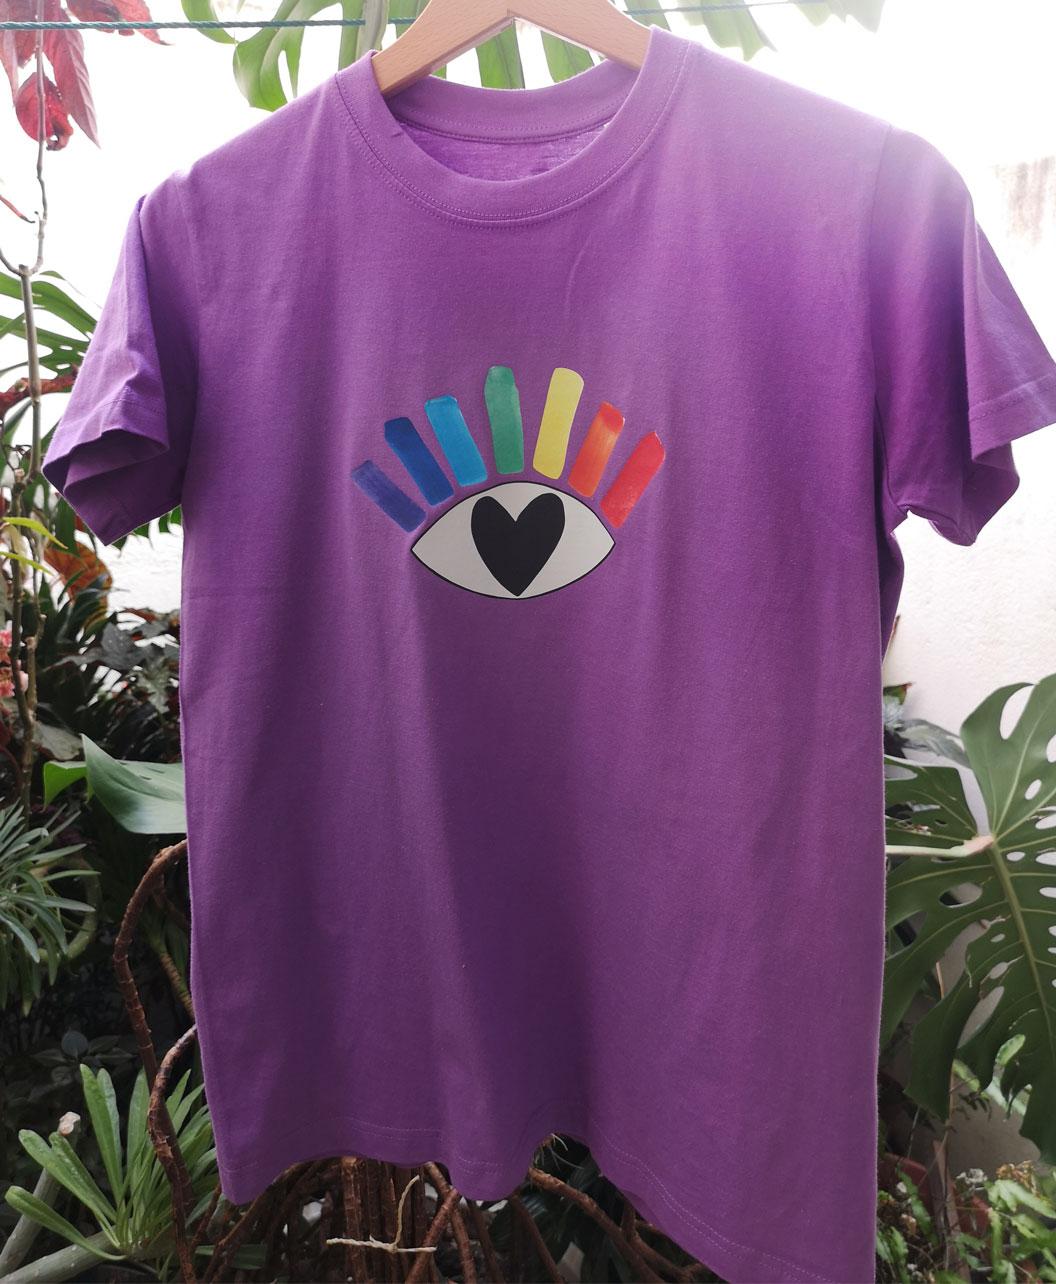 camiseta kids algodon organico morada ilustracion ojo arcoiris